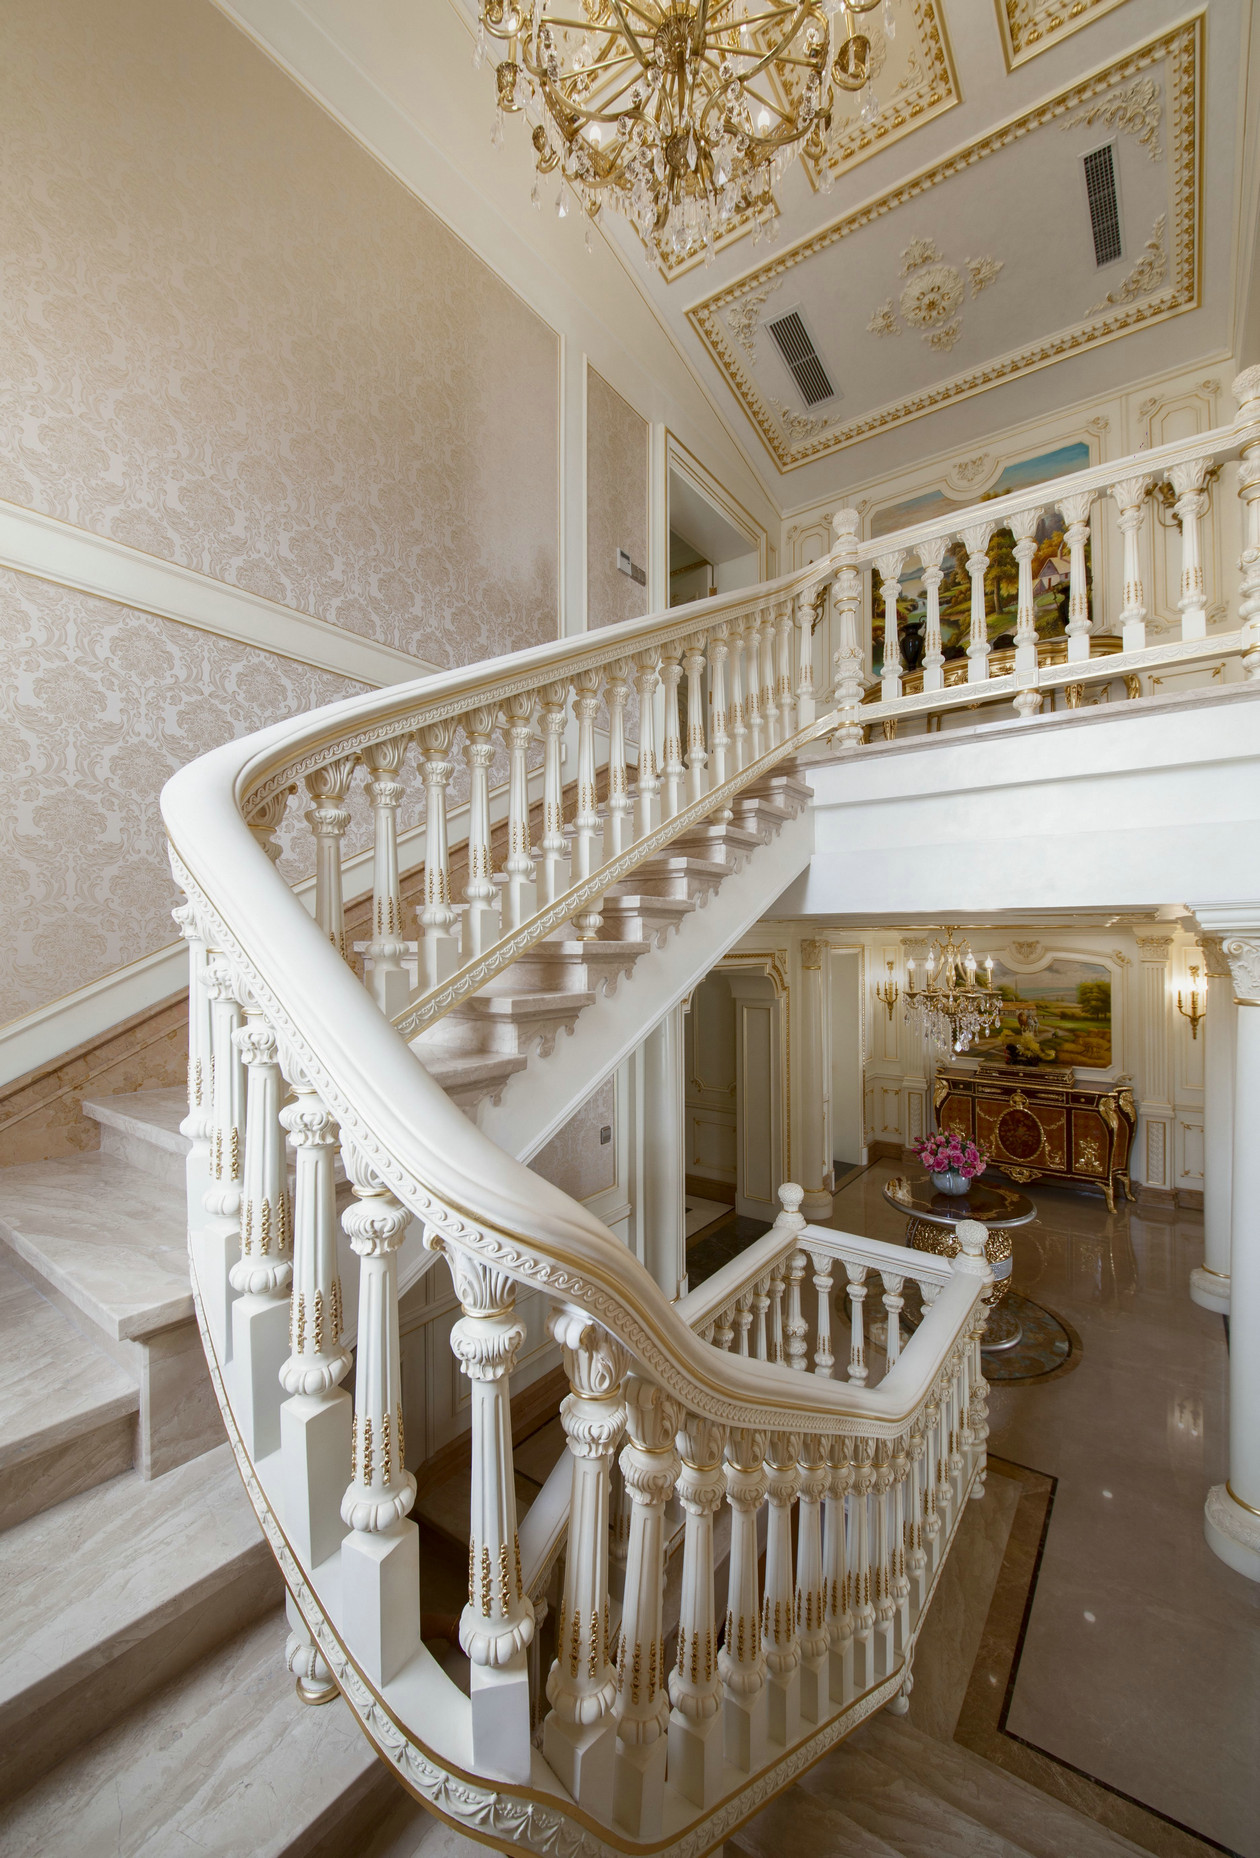 法式豪华别墅楼梯装修效果图